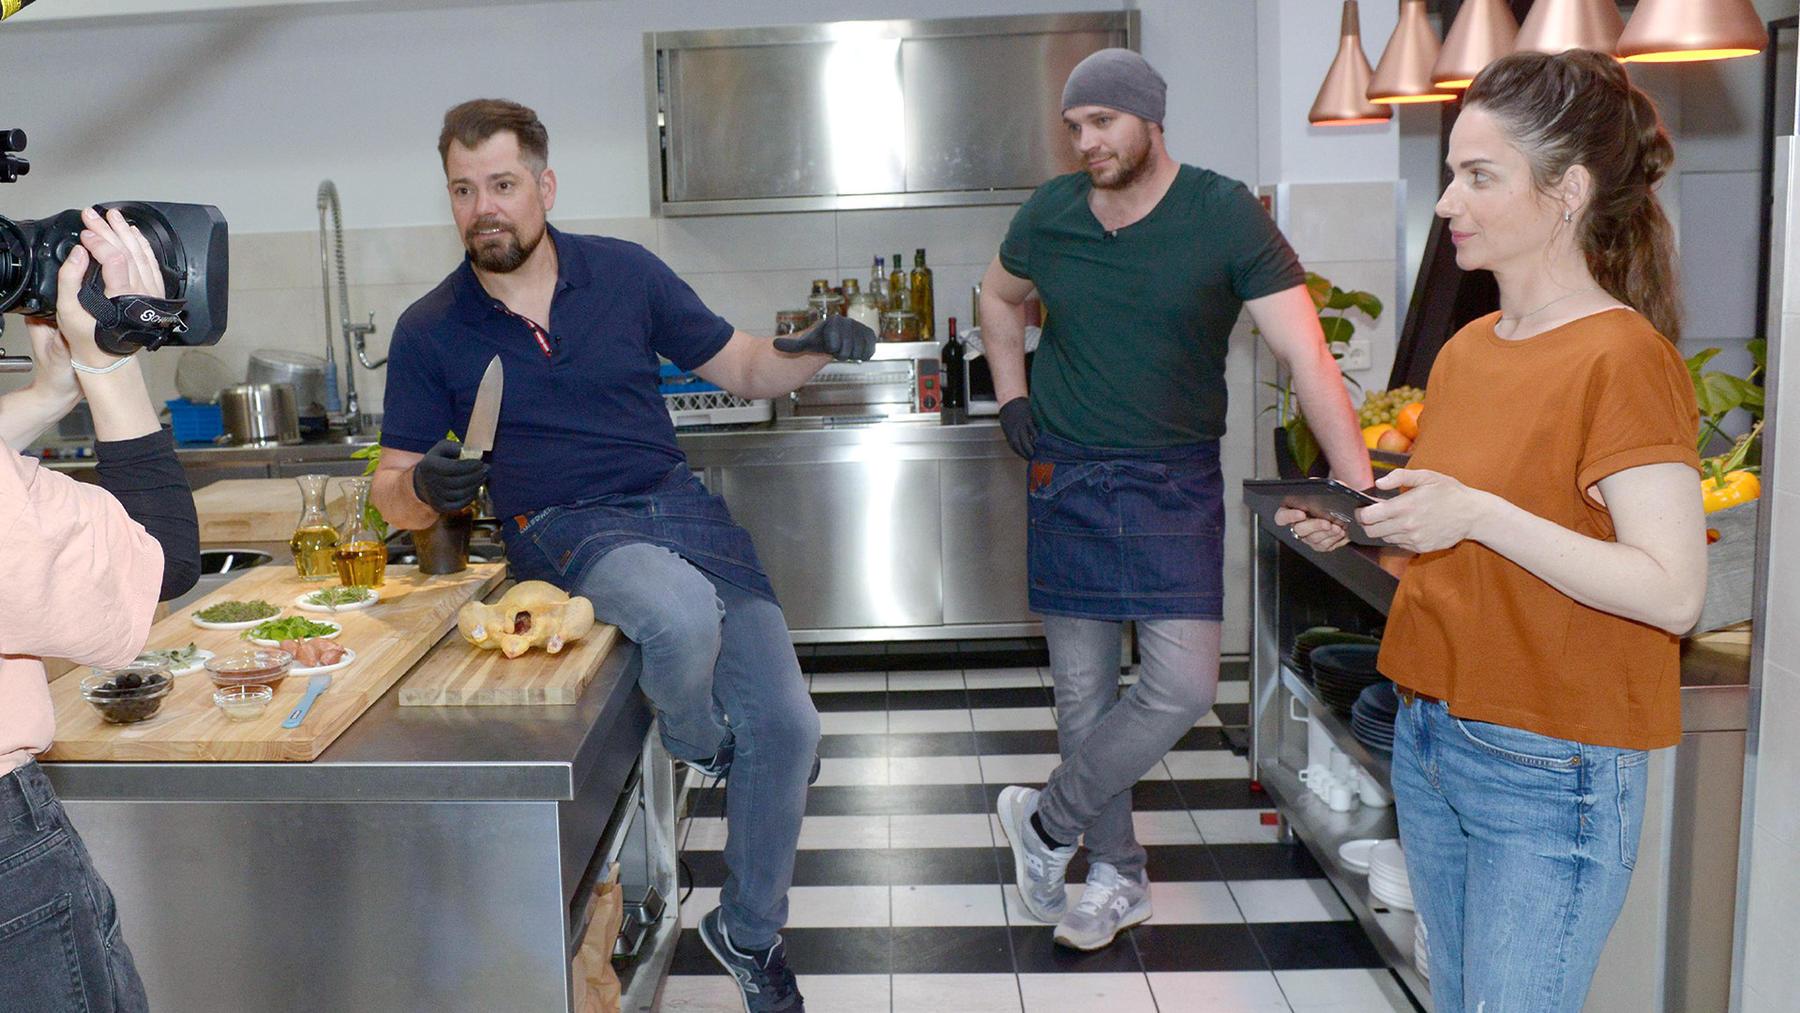 Erik soll für Leons Kochshow verpflichtet werden